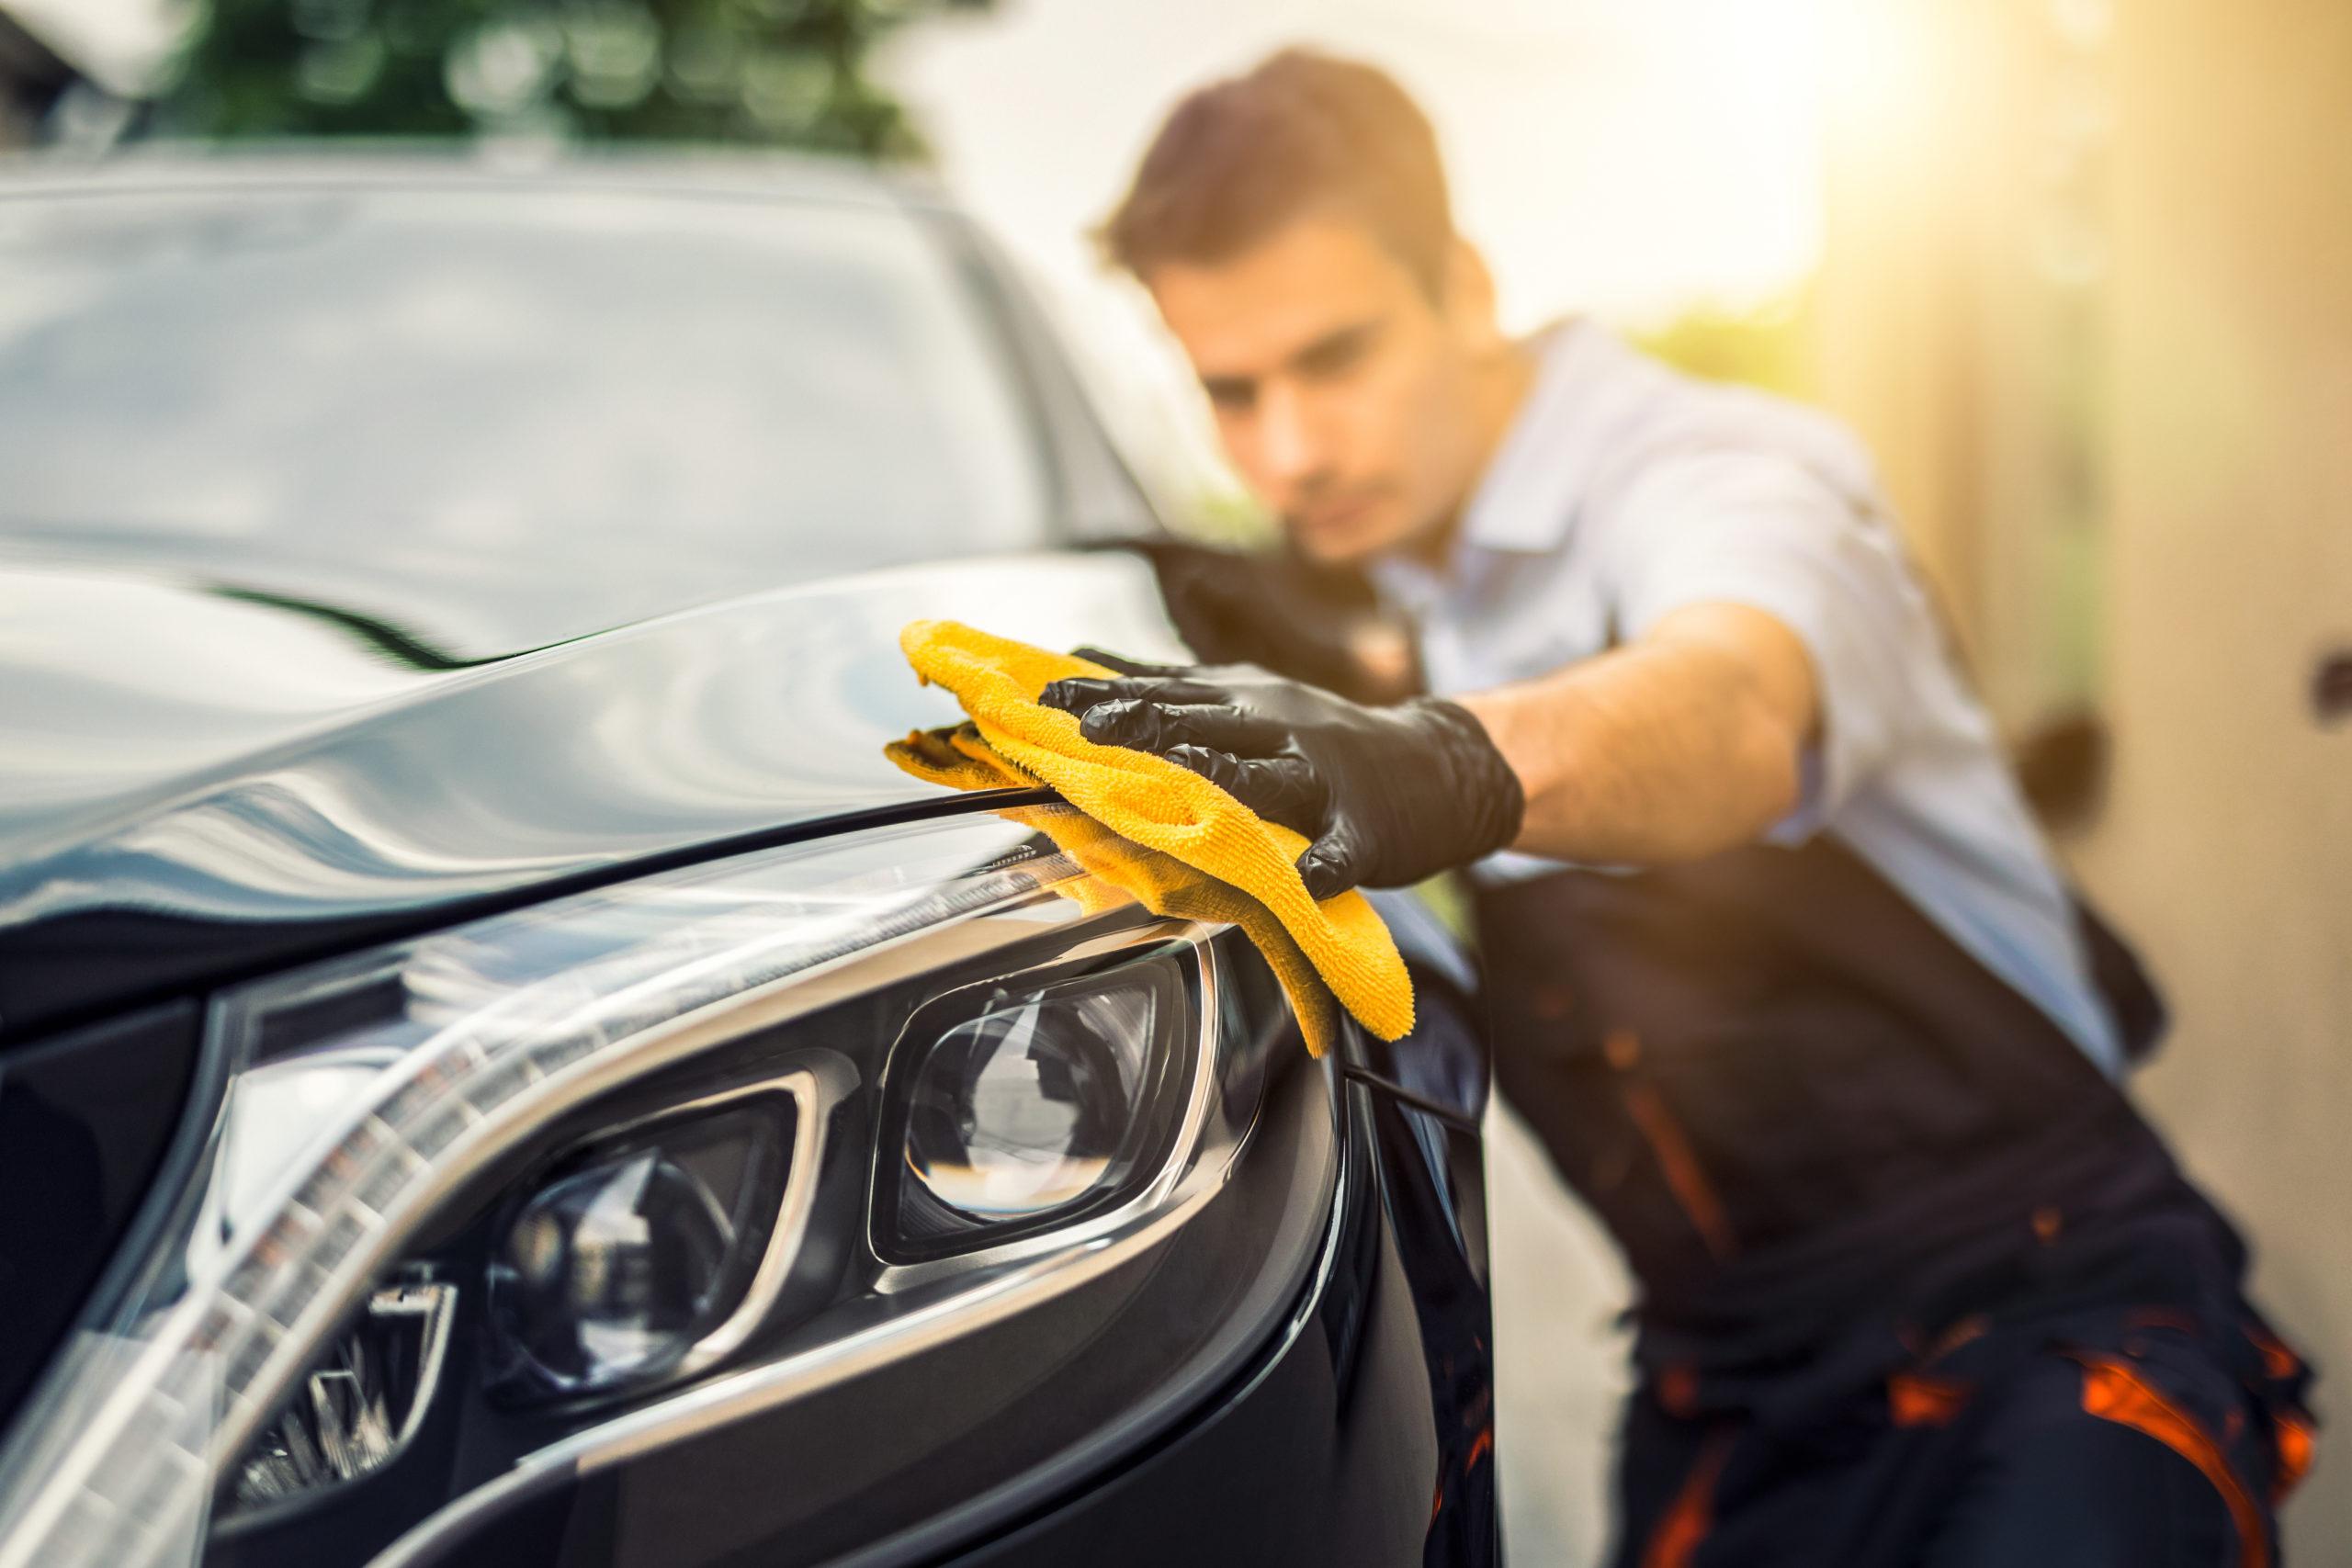 Regelmäßige Autopflege: ein Mann poliert sein Auto mit einem gelbem Tuch.